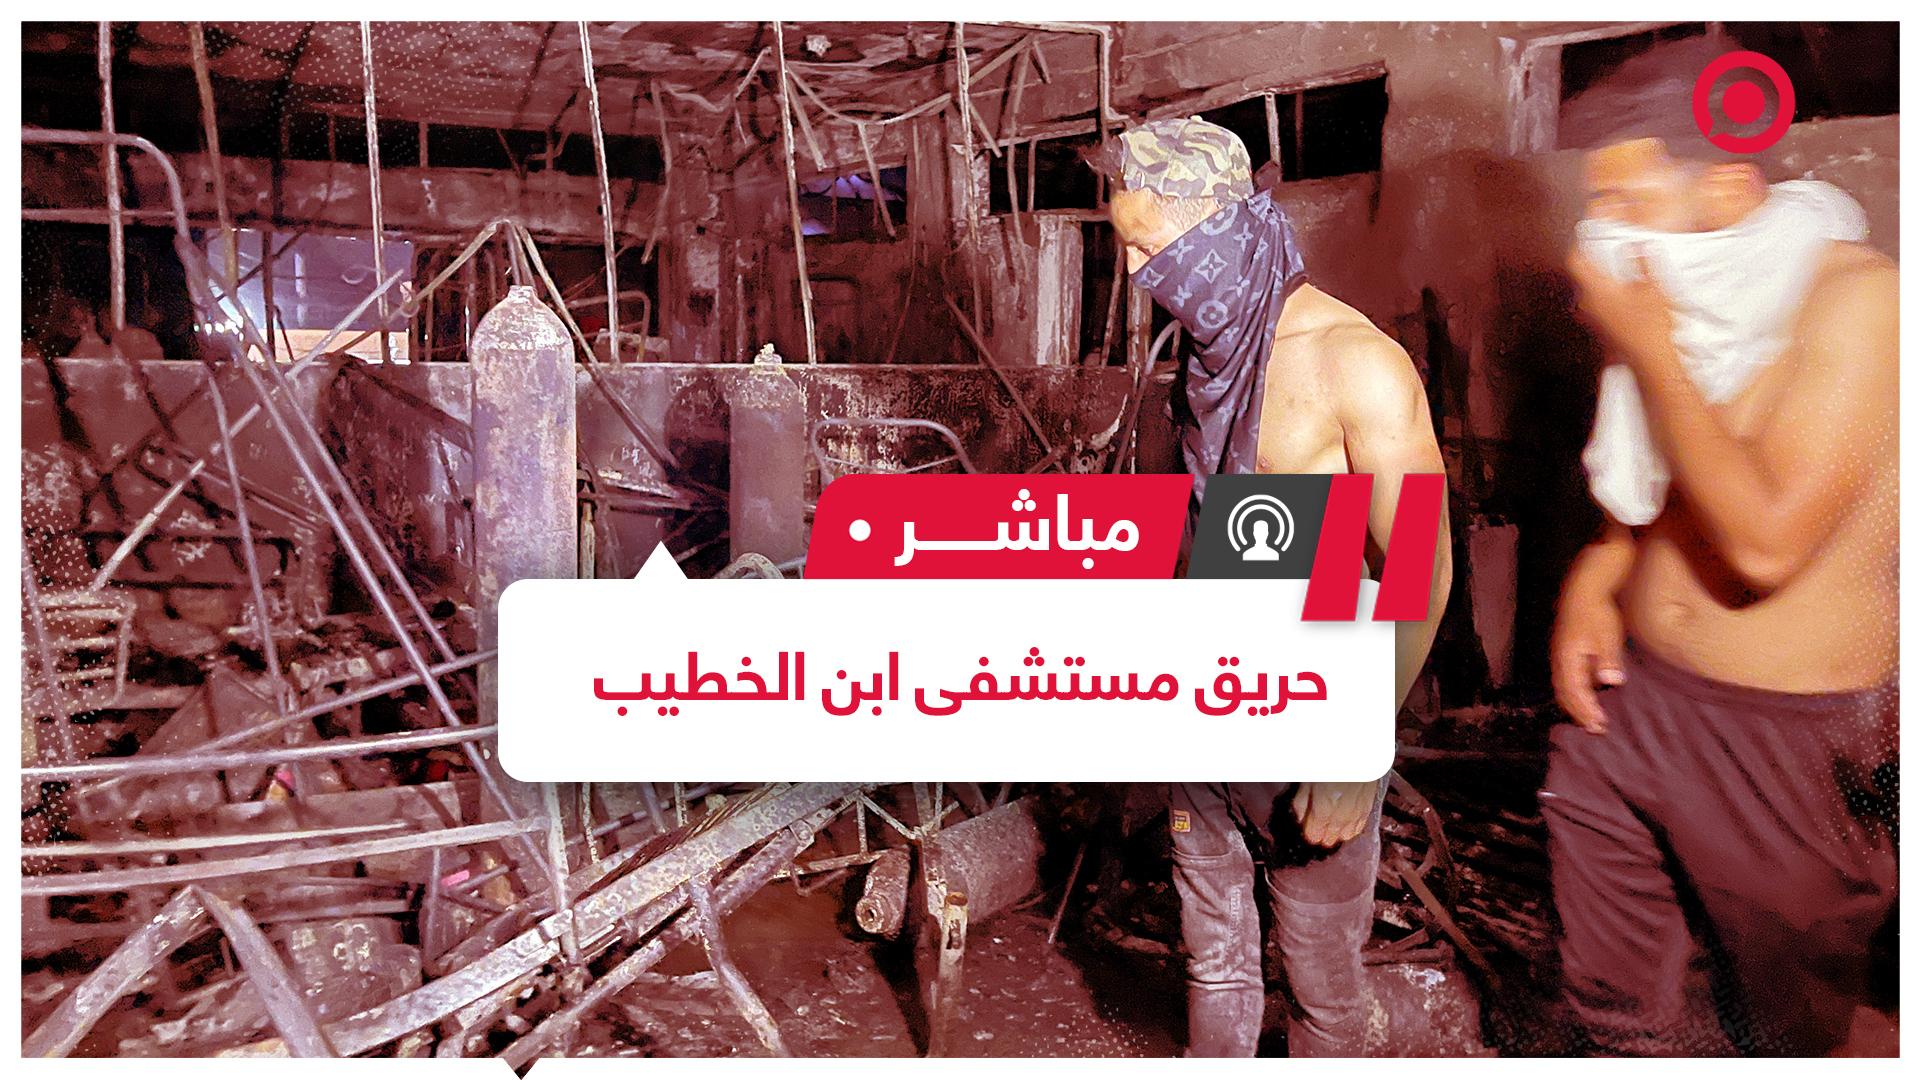 العراق يعلن الحداد العام عقب كارثة مستشفى ابن الخطيب